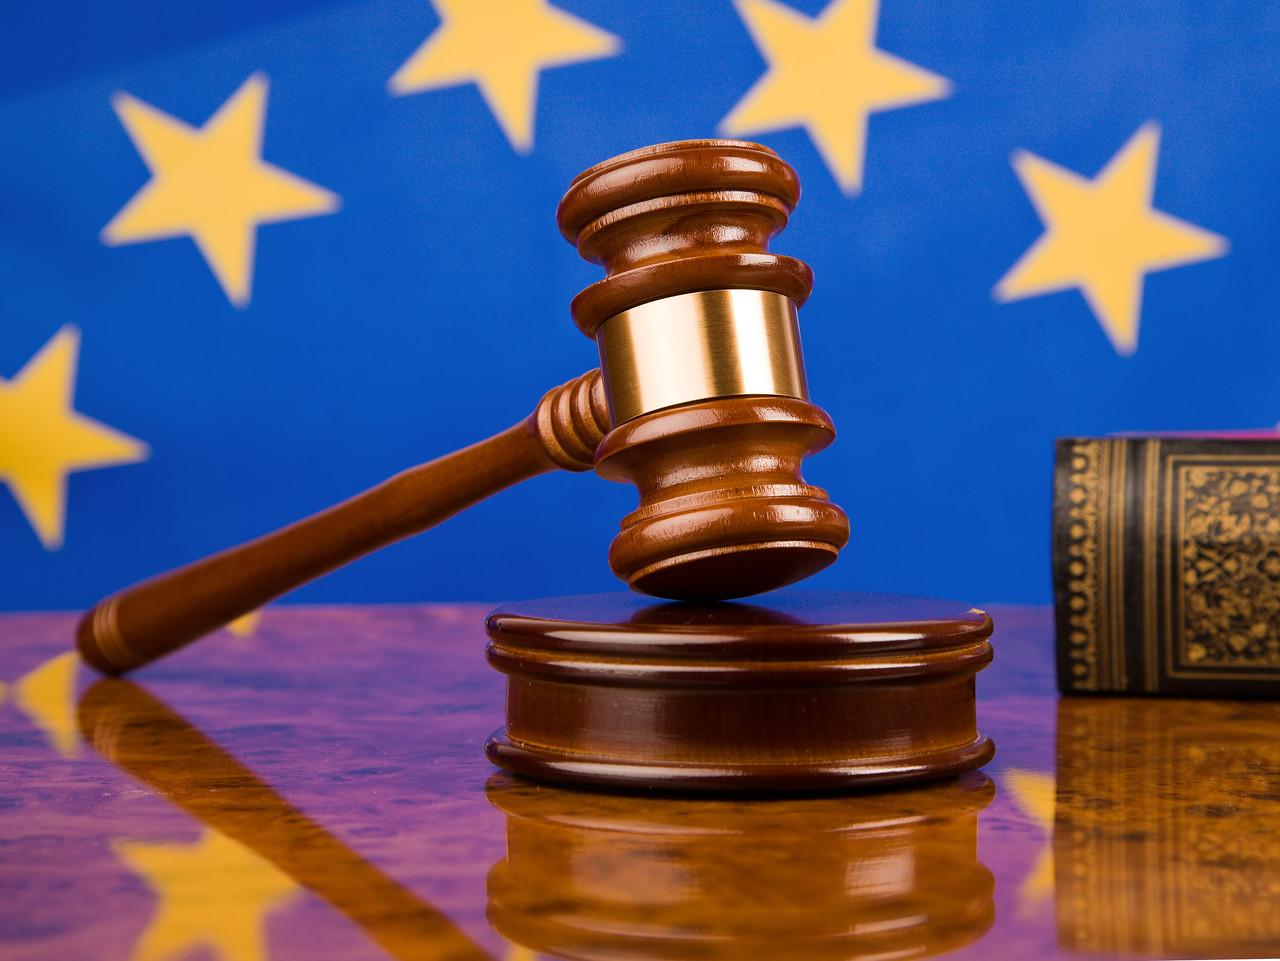 Жалоба в ЕСПЧ по административному делу - Центр оскарження судових рішень в Киеве